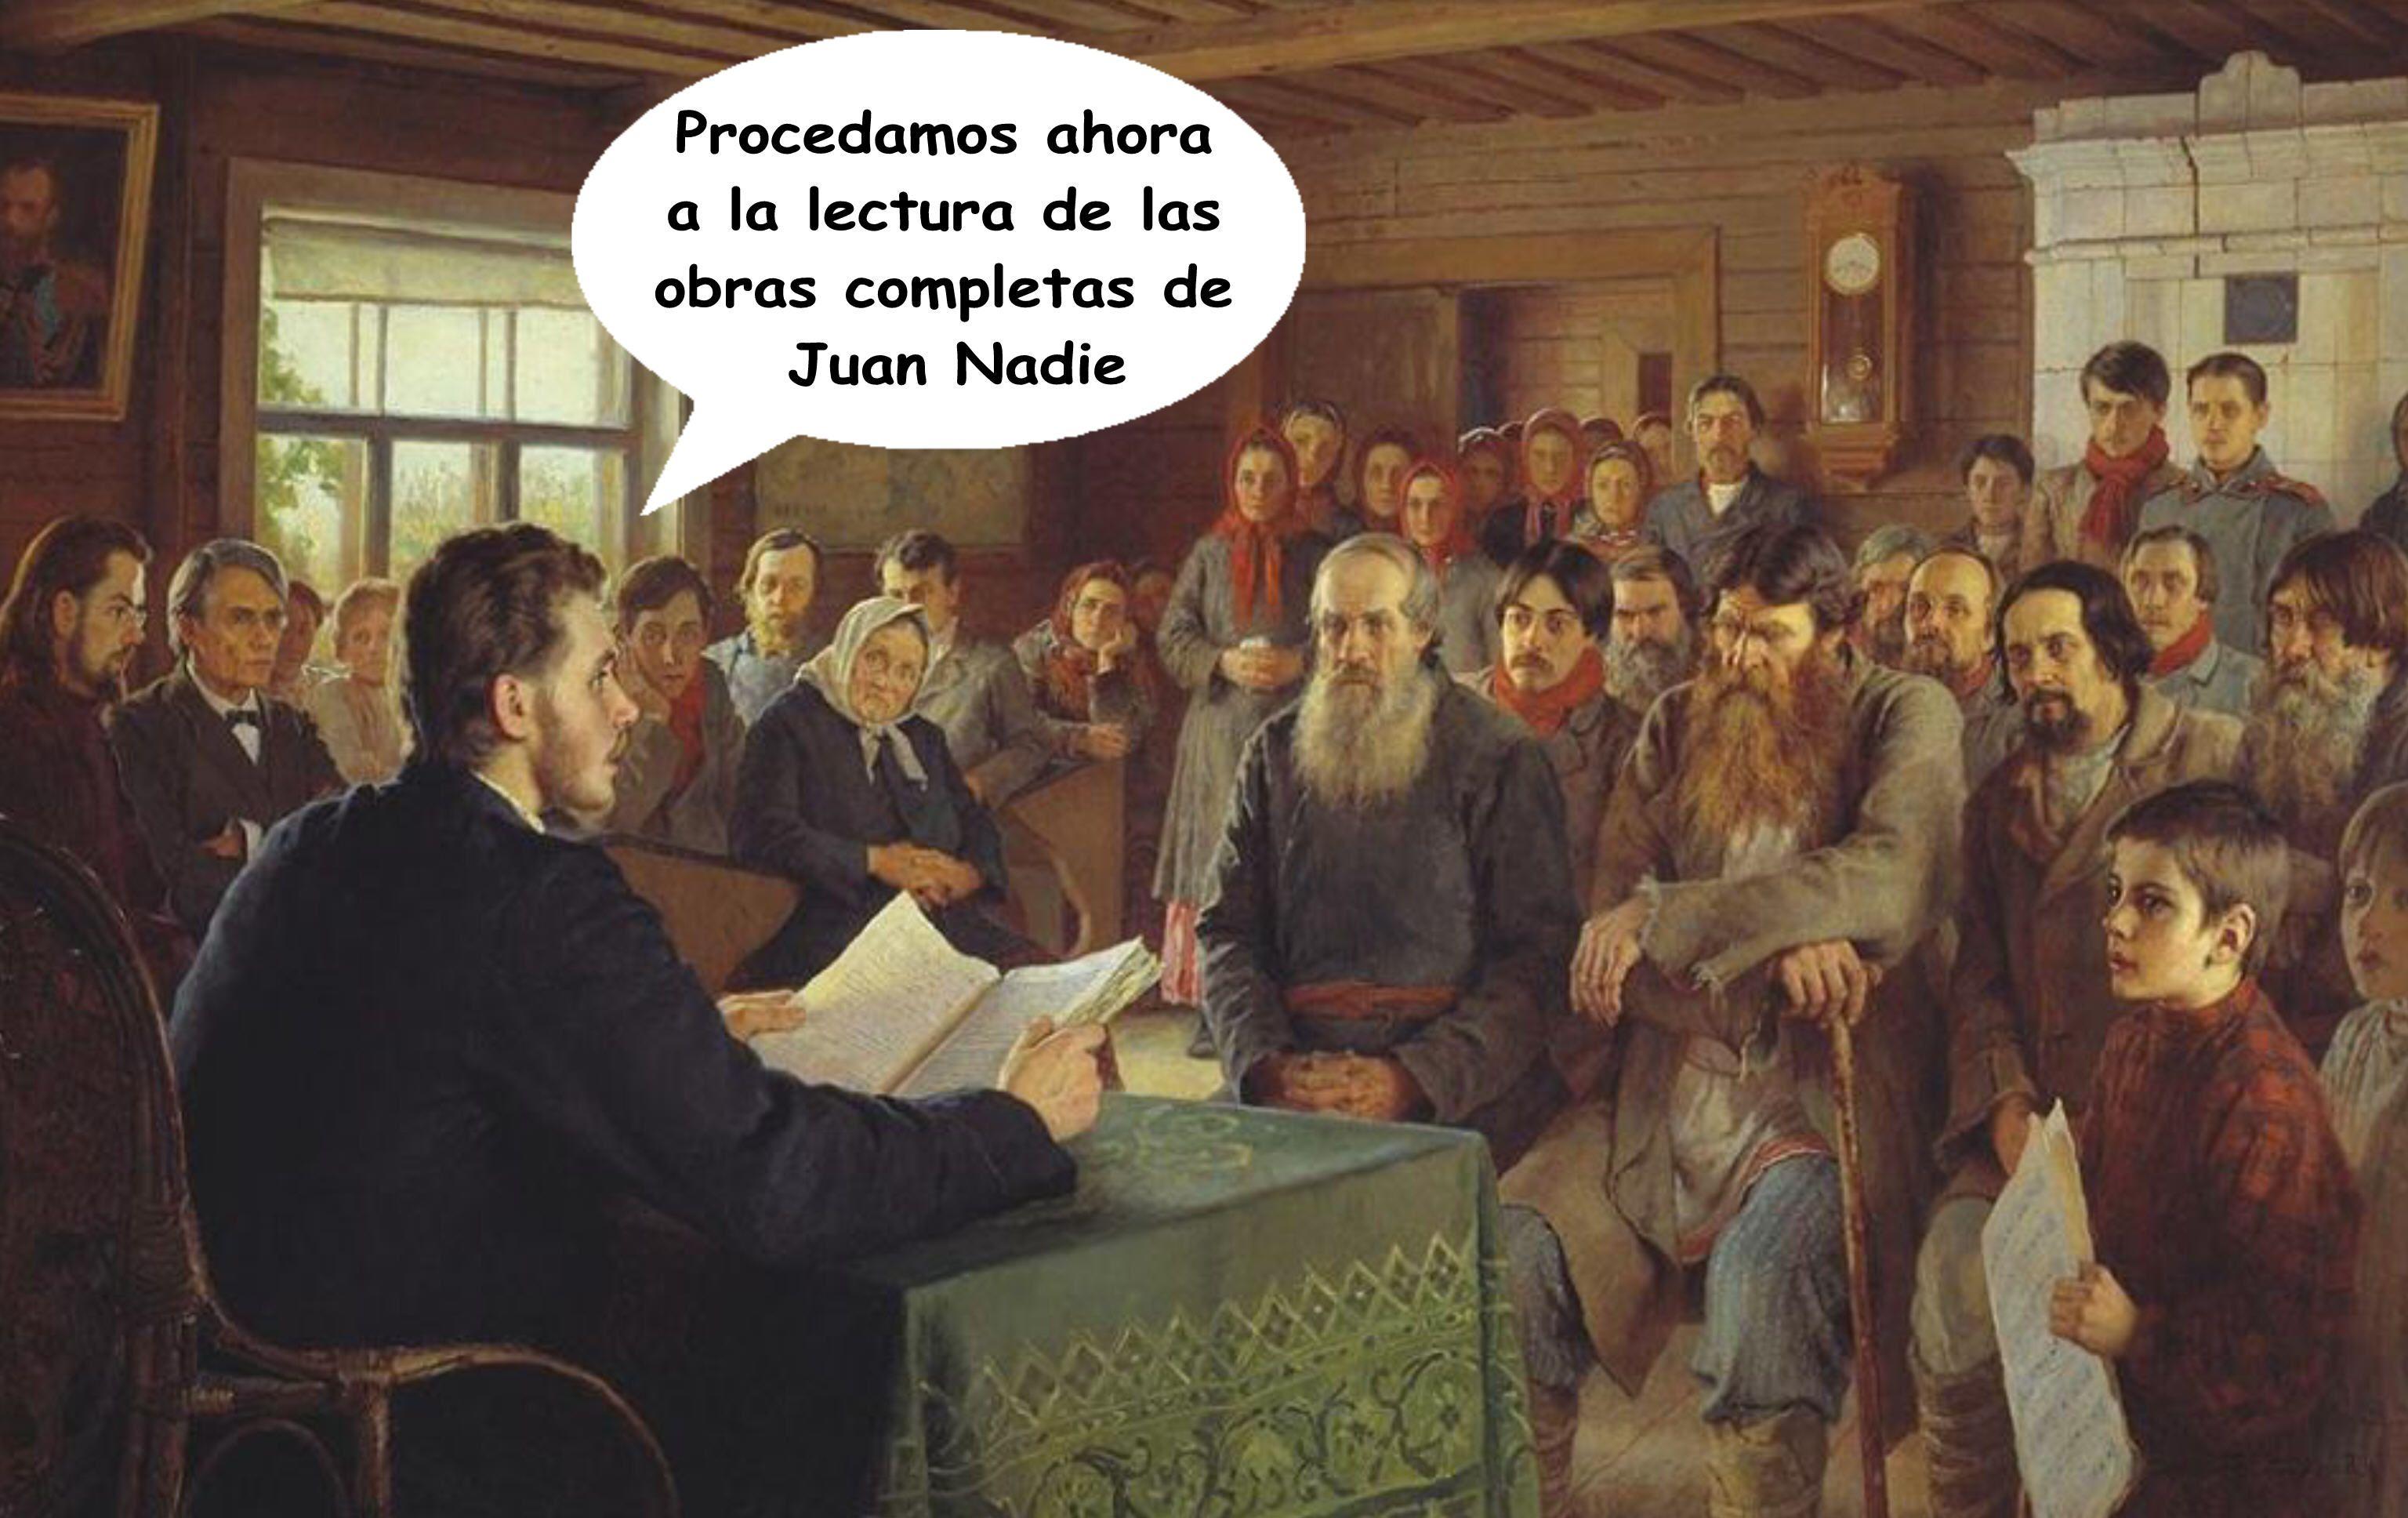 Relatos y novelas de Juan Nadie.  http://relatosdejuannadie.blogspot.com.es